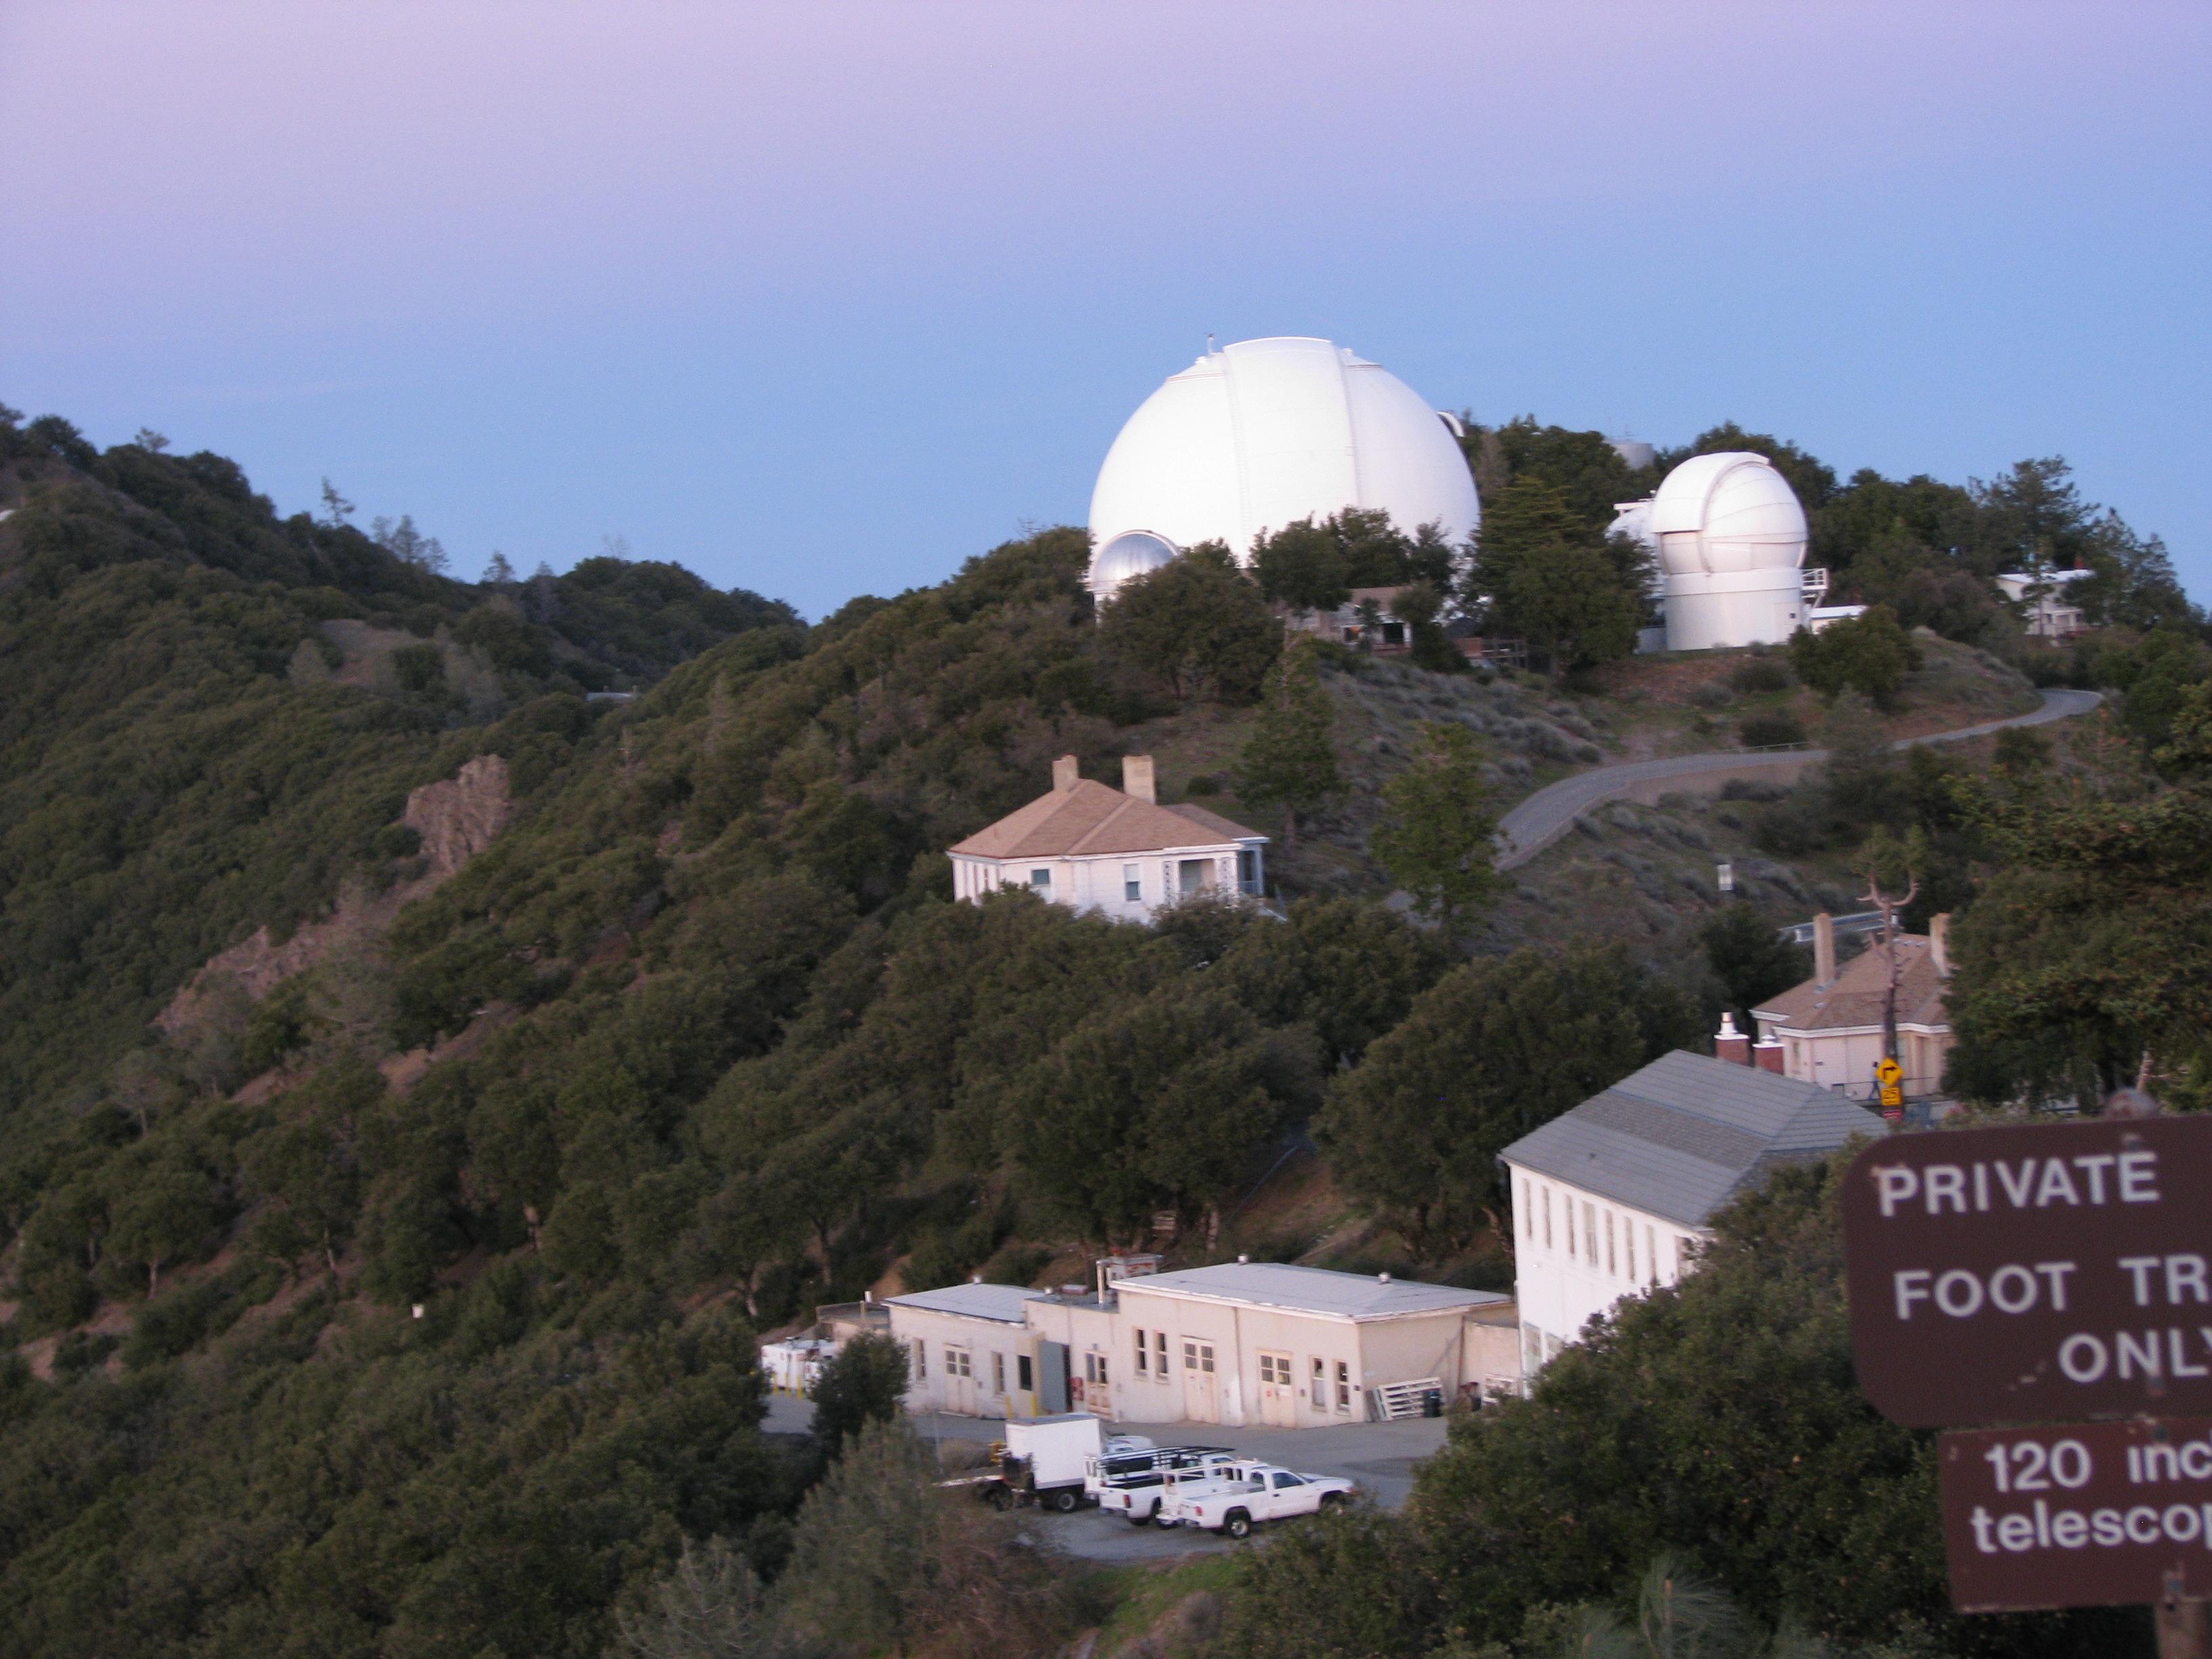 slave-lick-observatory-meter-largest-bra-only